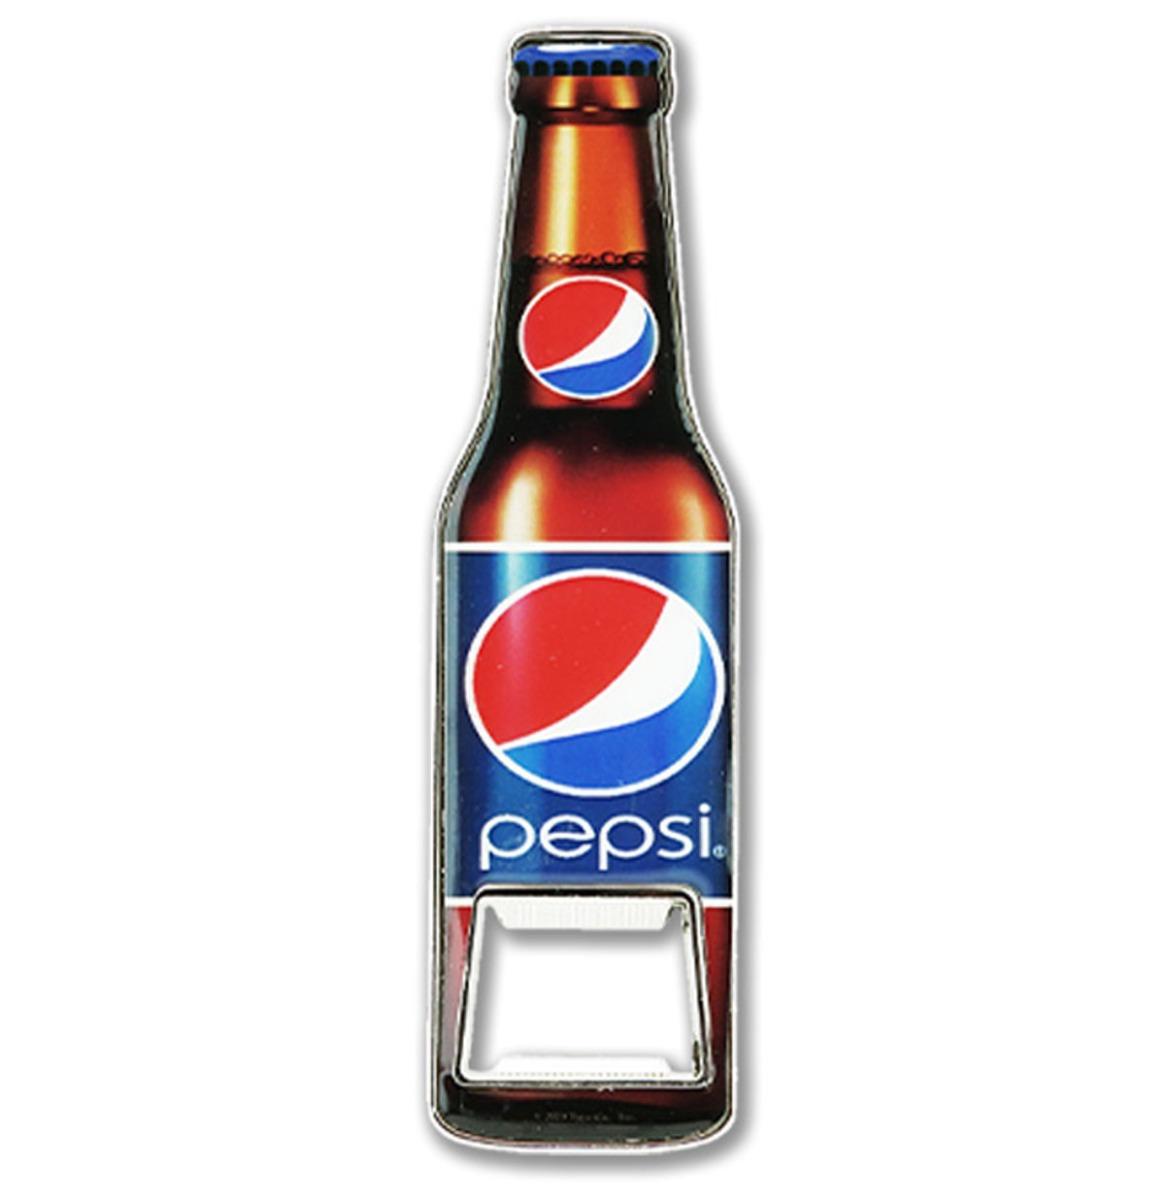 Pepsi - Bottle Opener - Ongeveer 12 x 3,5 cm